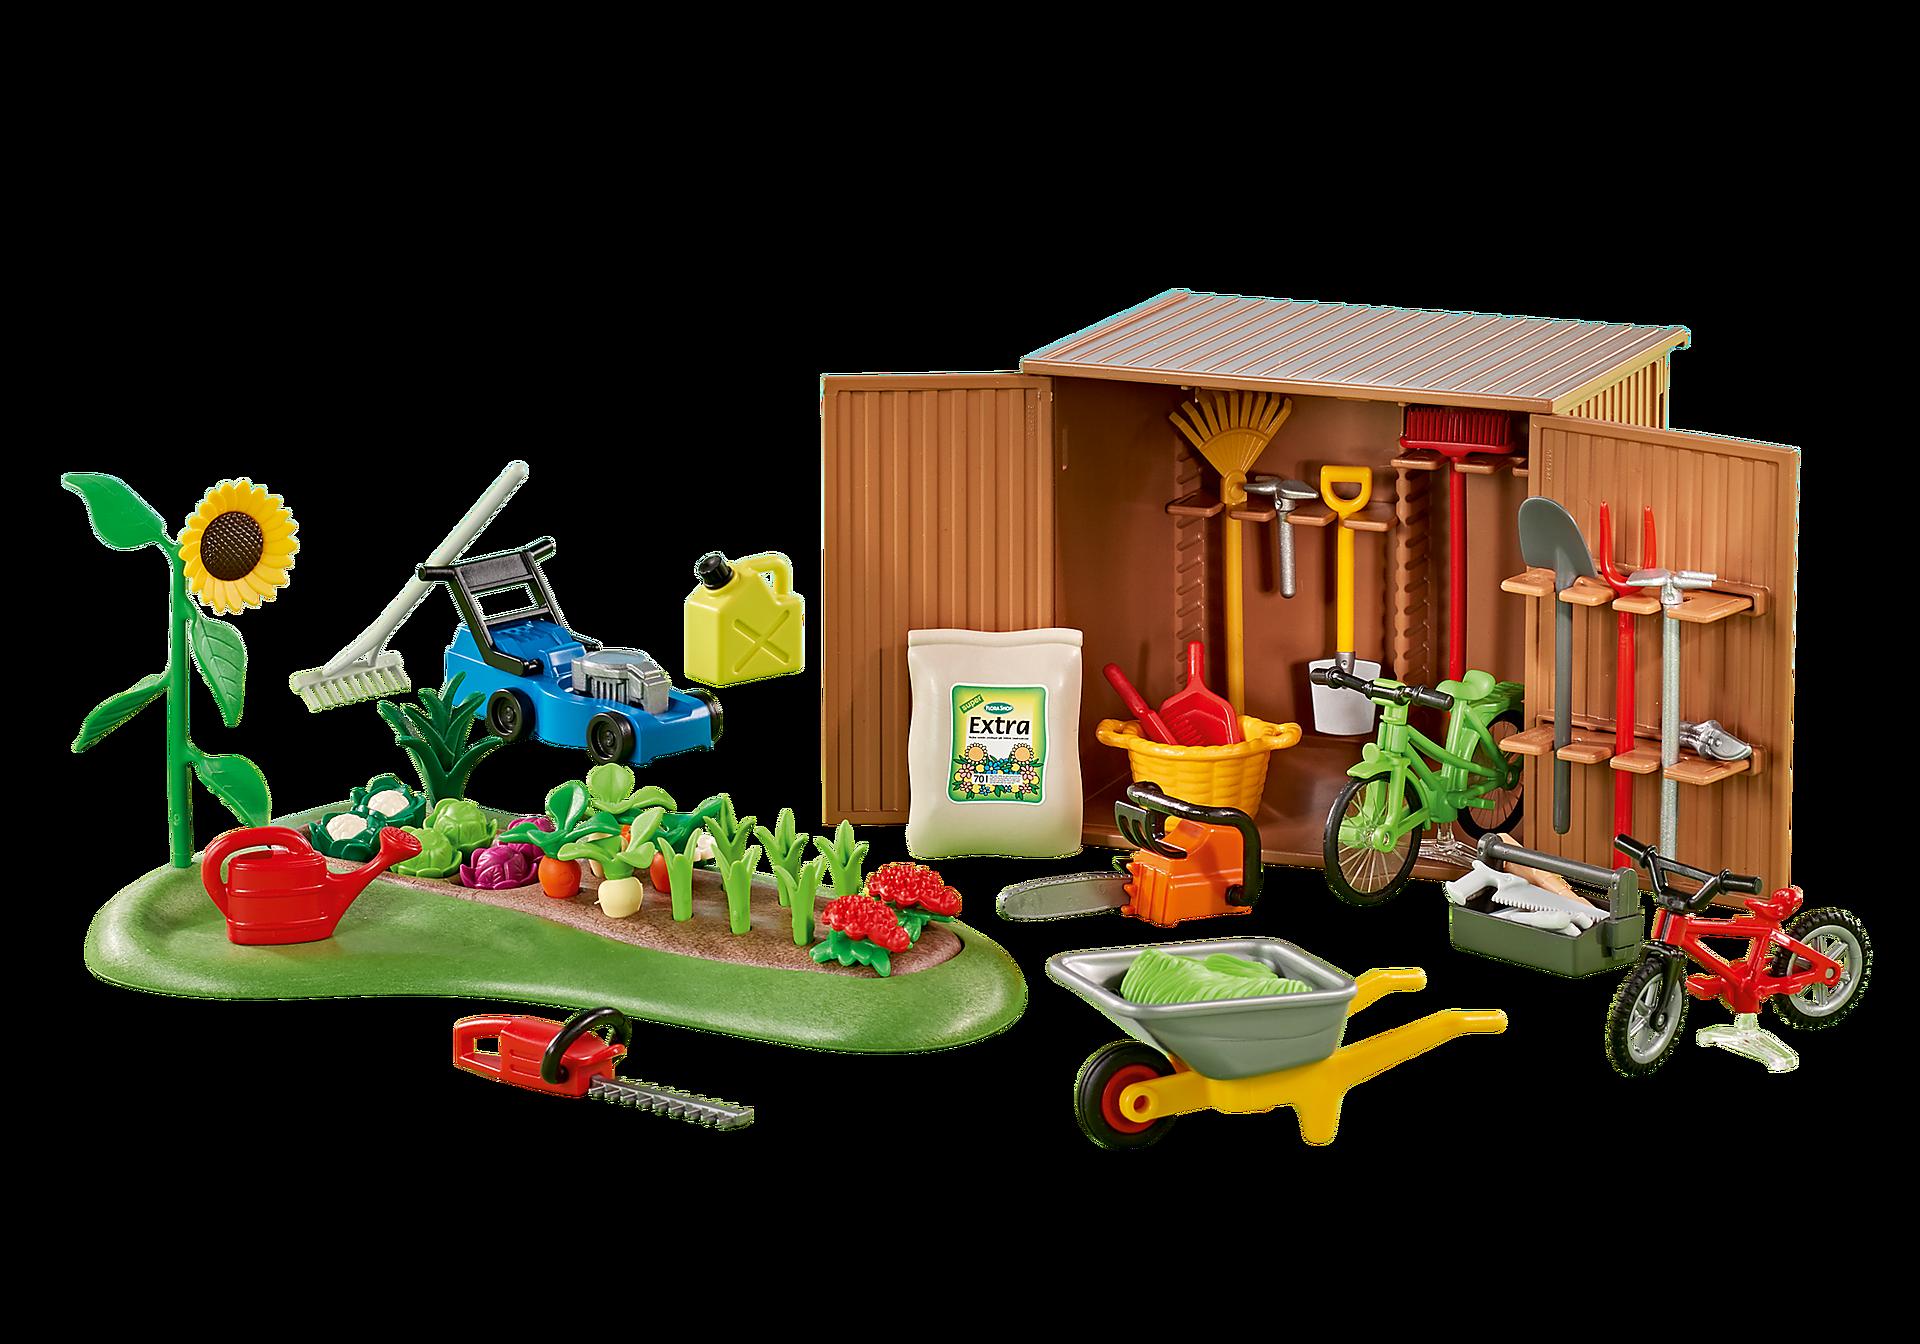 http://media.playmobil.com/i/playmobil/6558_product_detail/Abrigo para Ferramentas com Horta